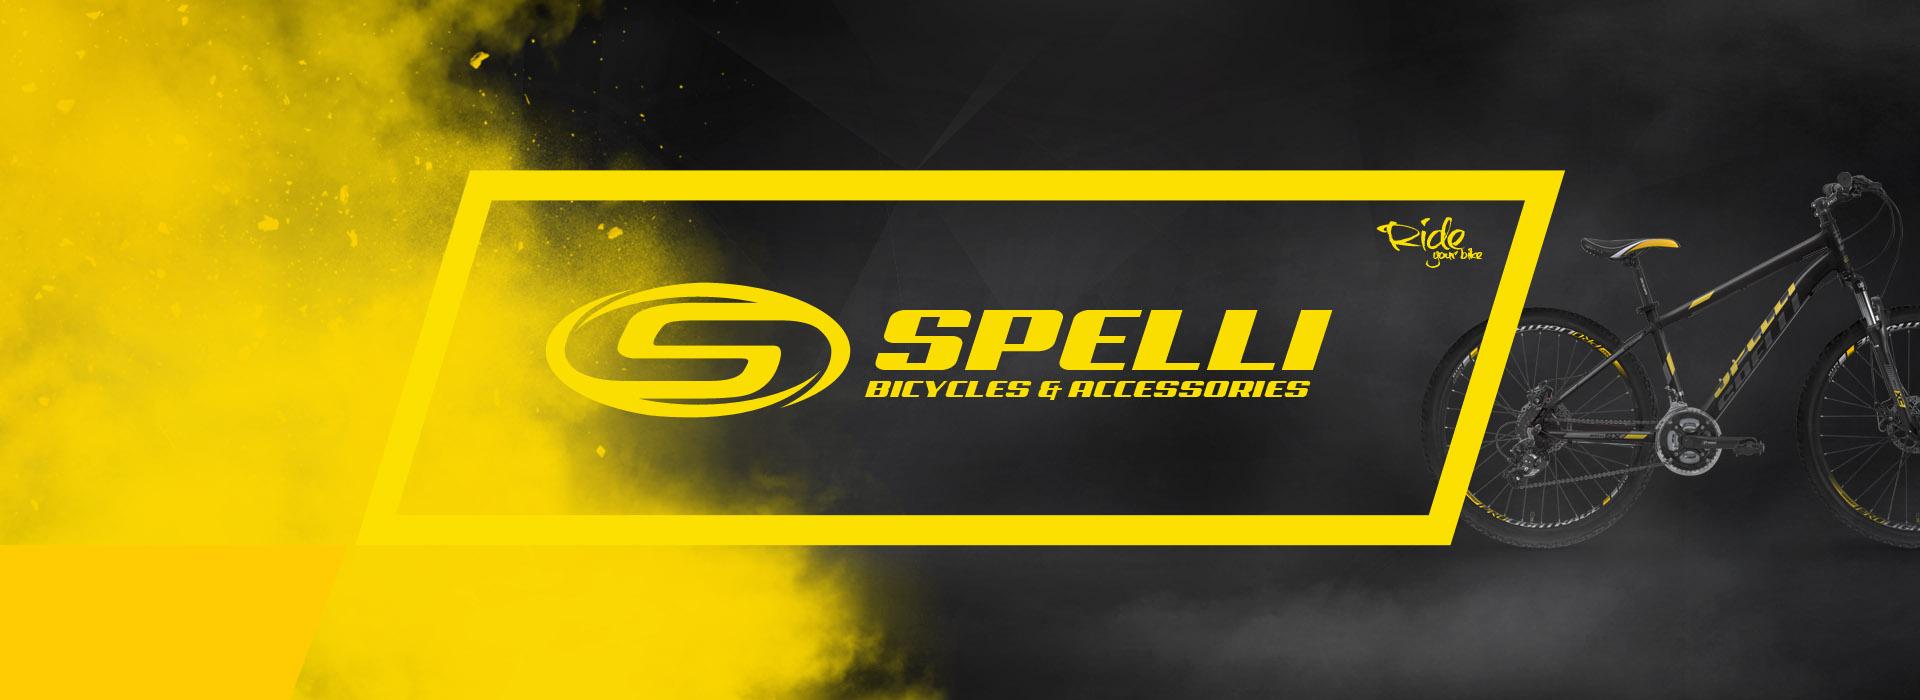 spelli